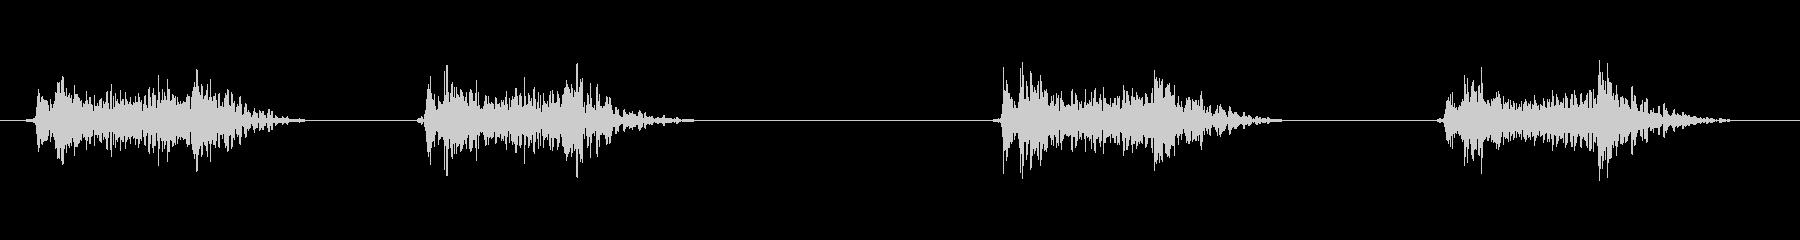 レンジローバー:インテリア:パワー...の未再生の波形